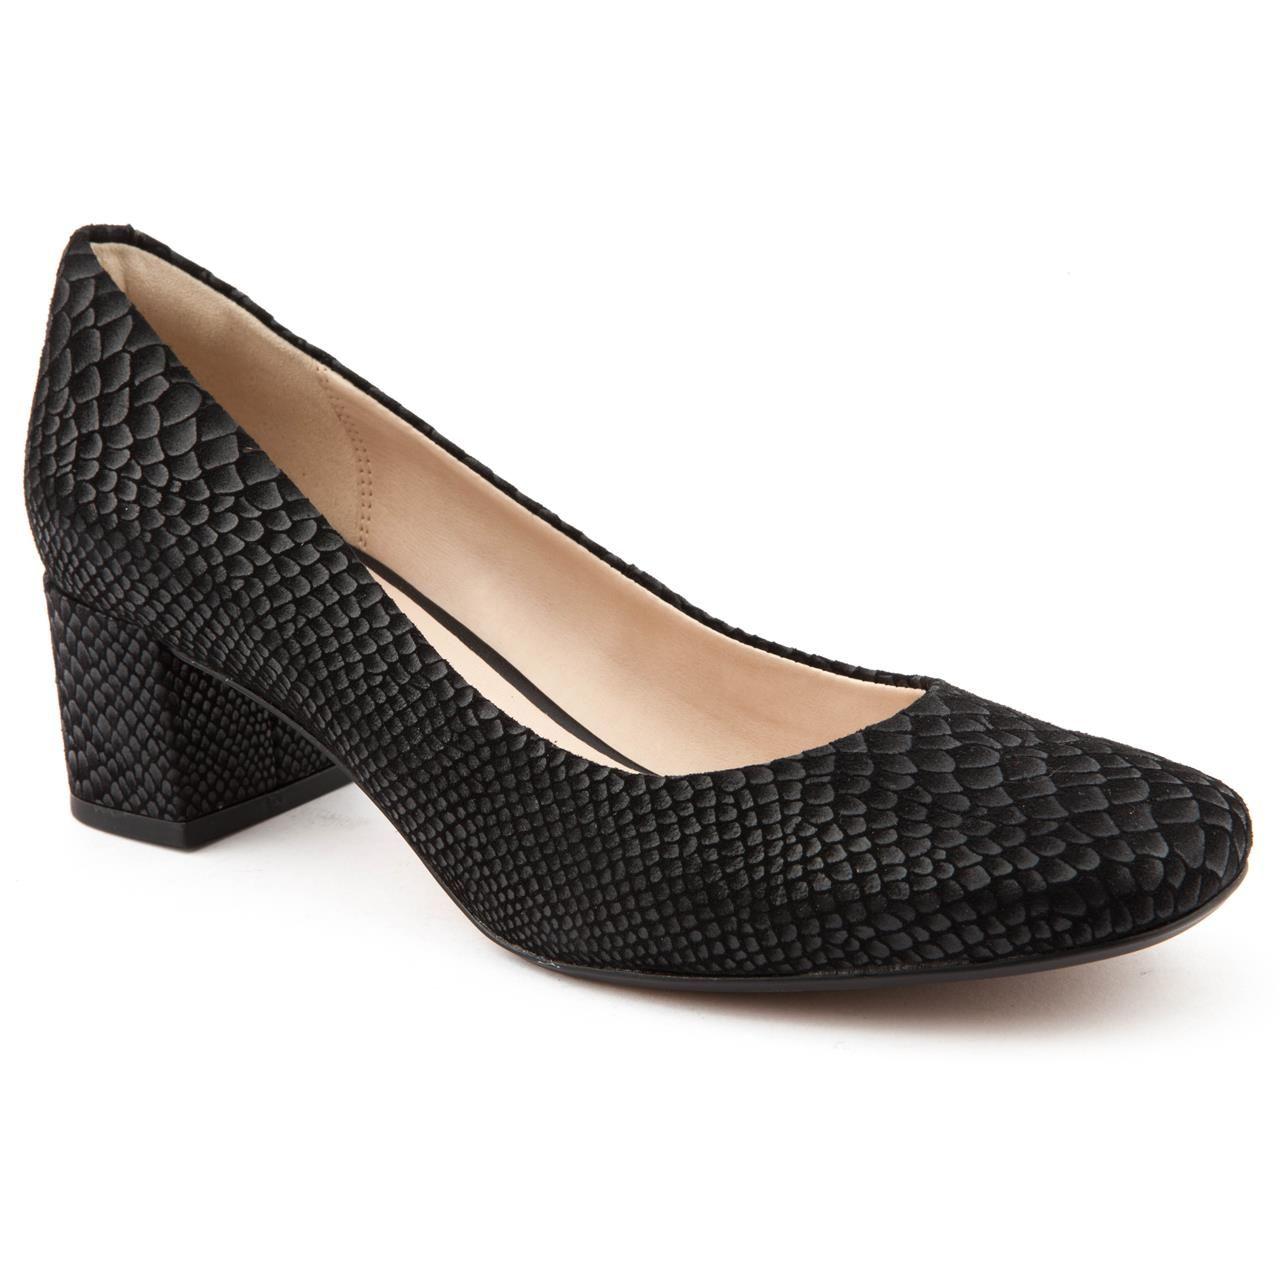 Zapatos rojos Clarks infantiles 2r4Y6hryS